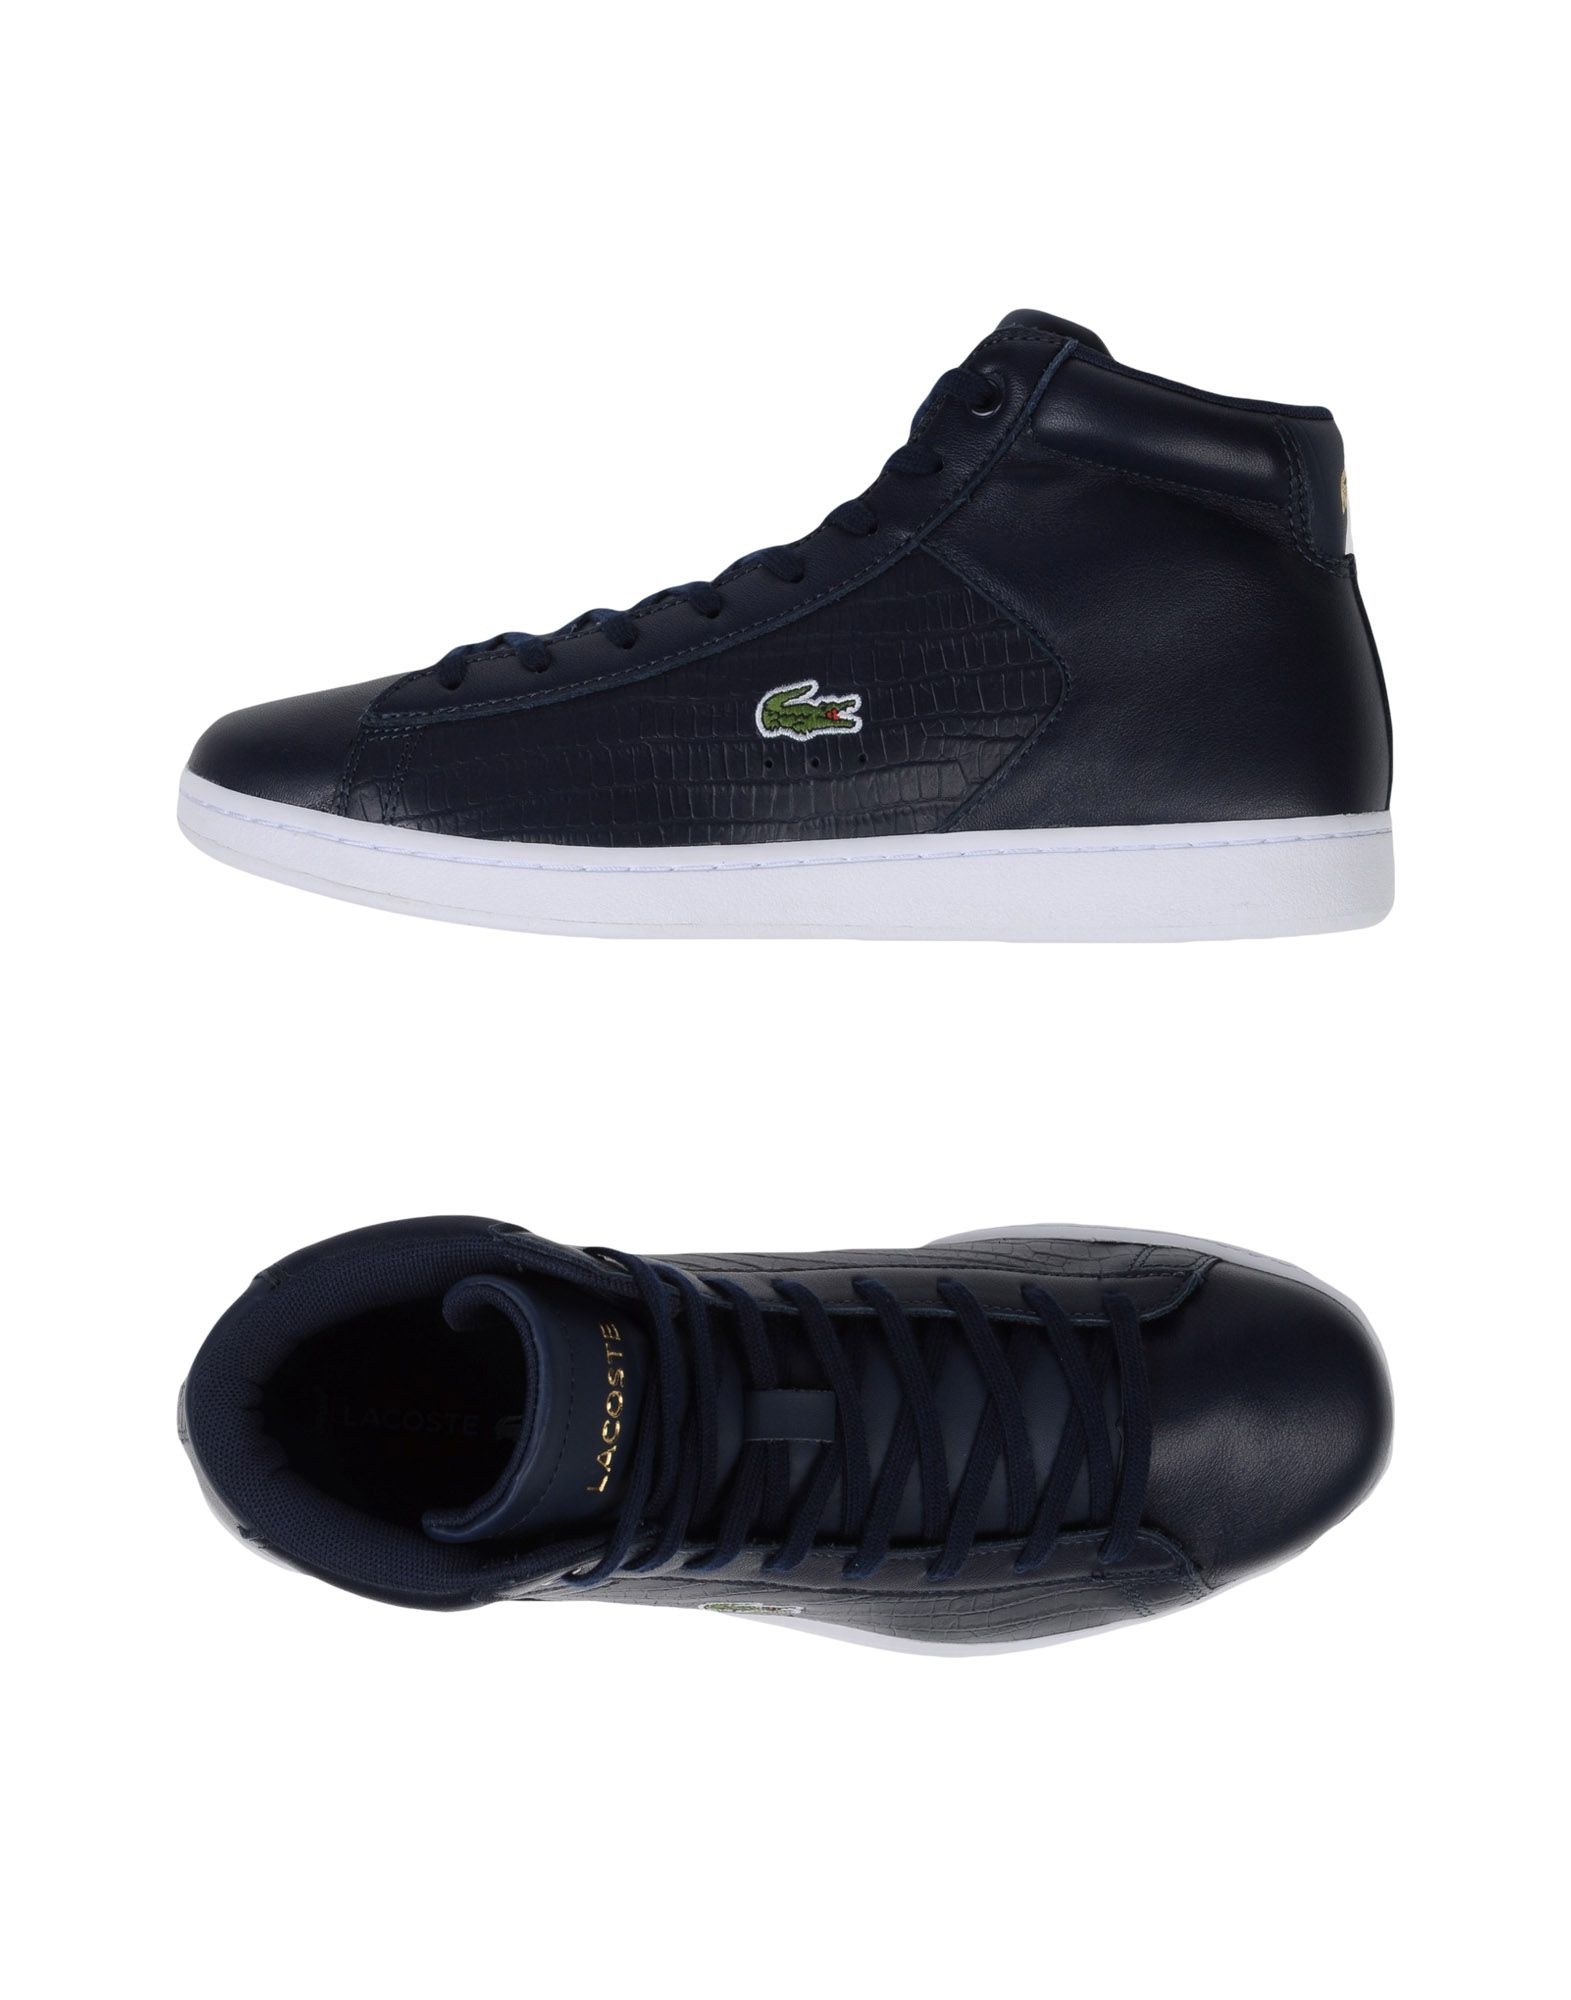 Lacoste Carnaby Evo Mid G316 1  11107092MS Gute Qualität beliebte Schuhe